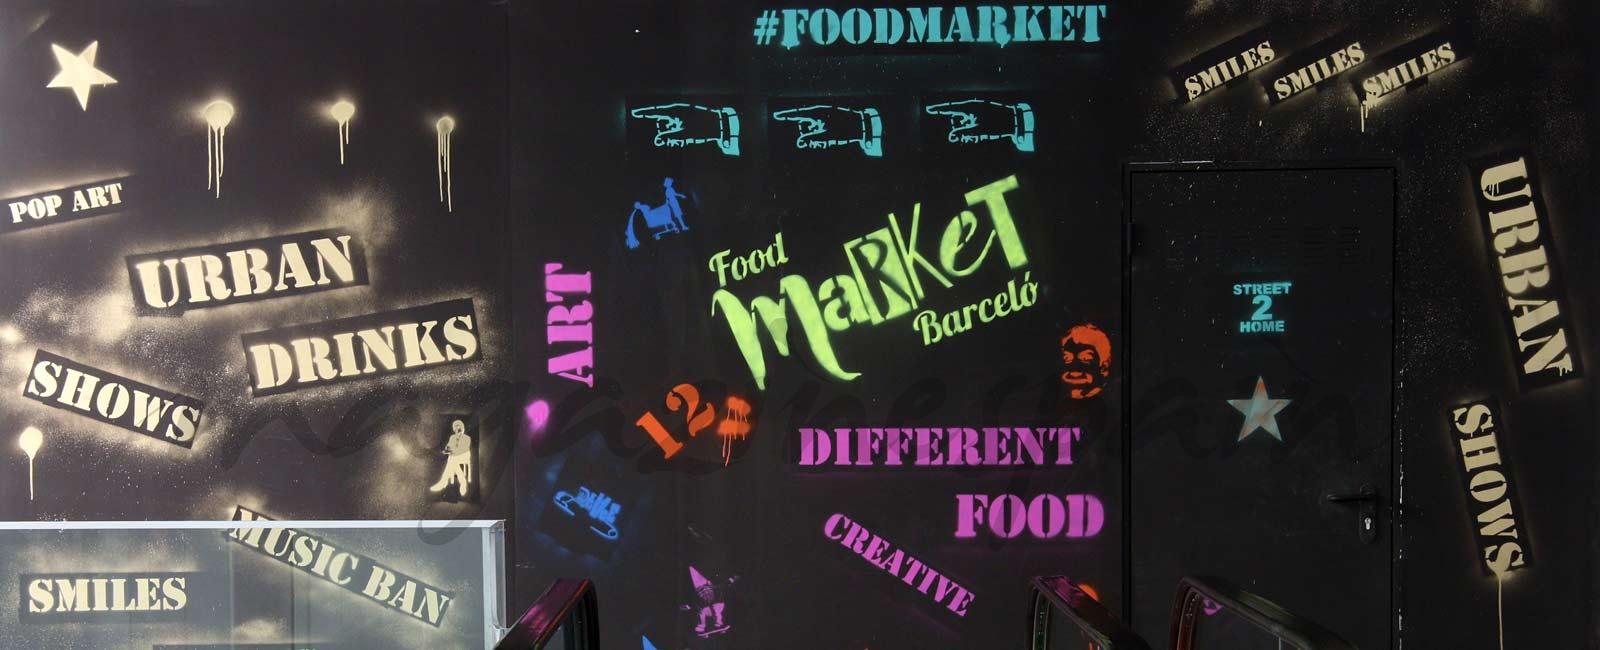 Food Market Barceló, arte urbano y vanguardista en Malasaña